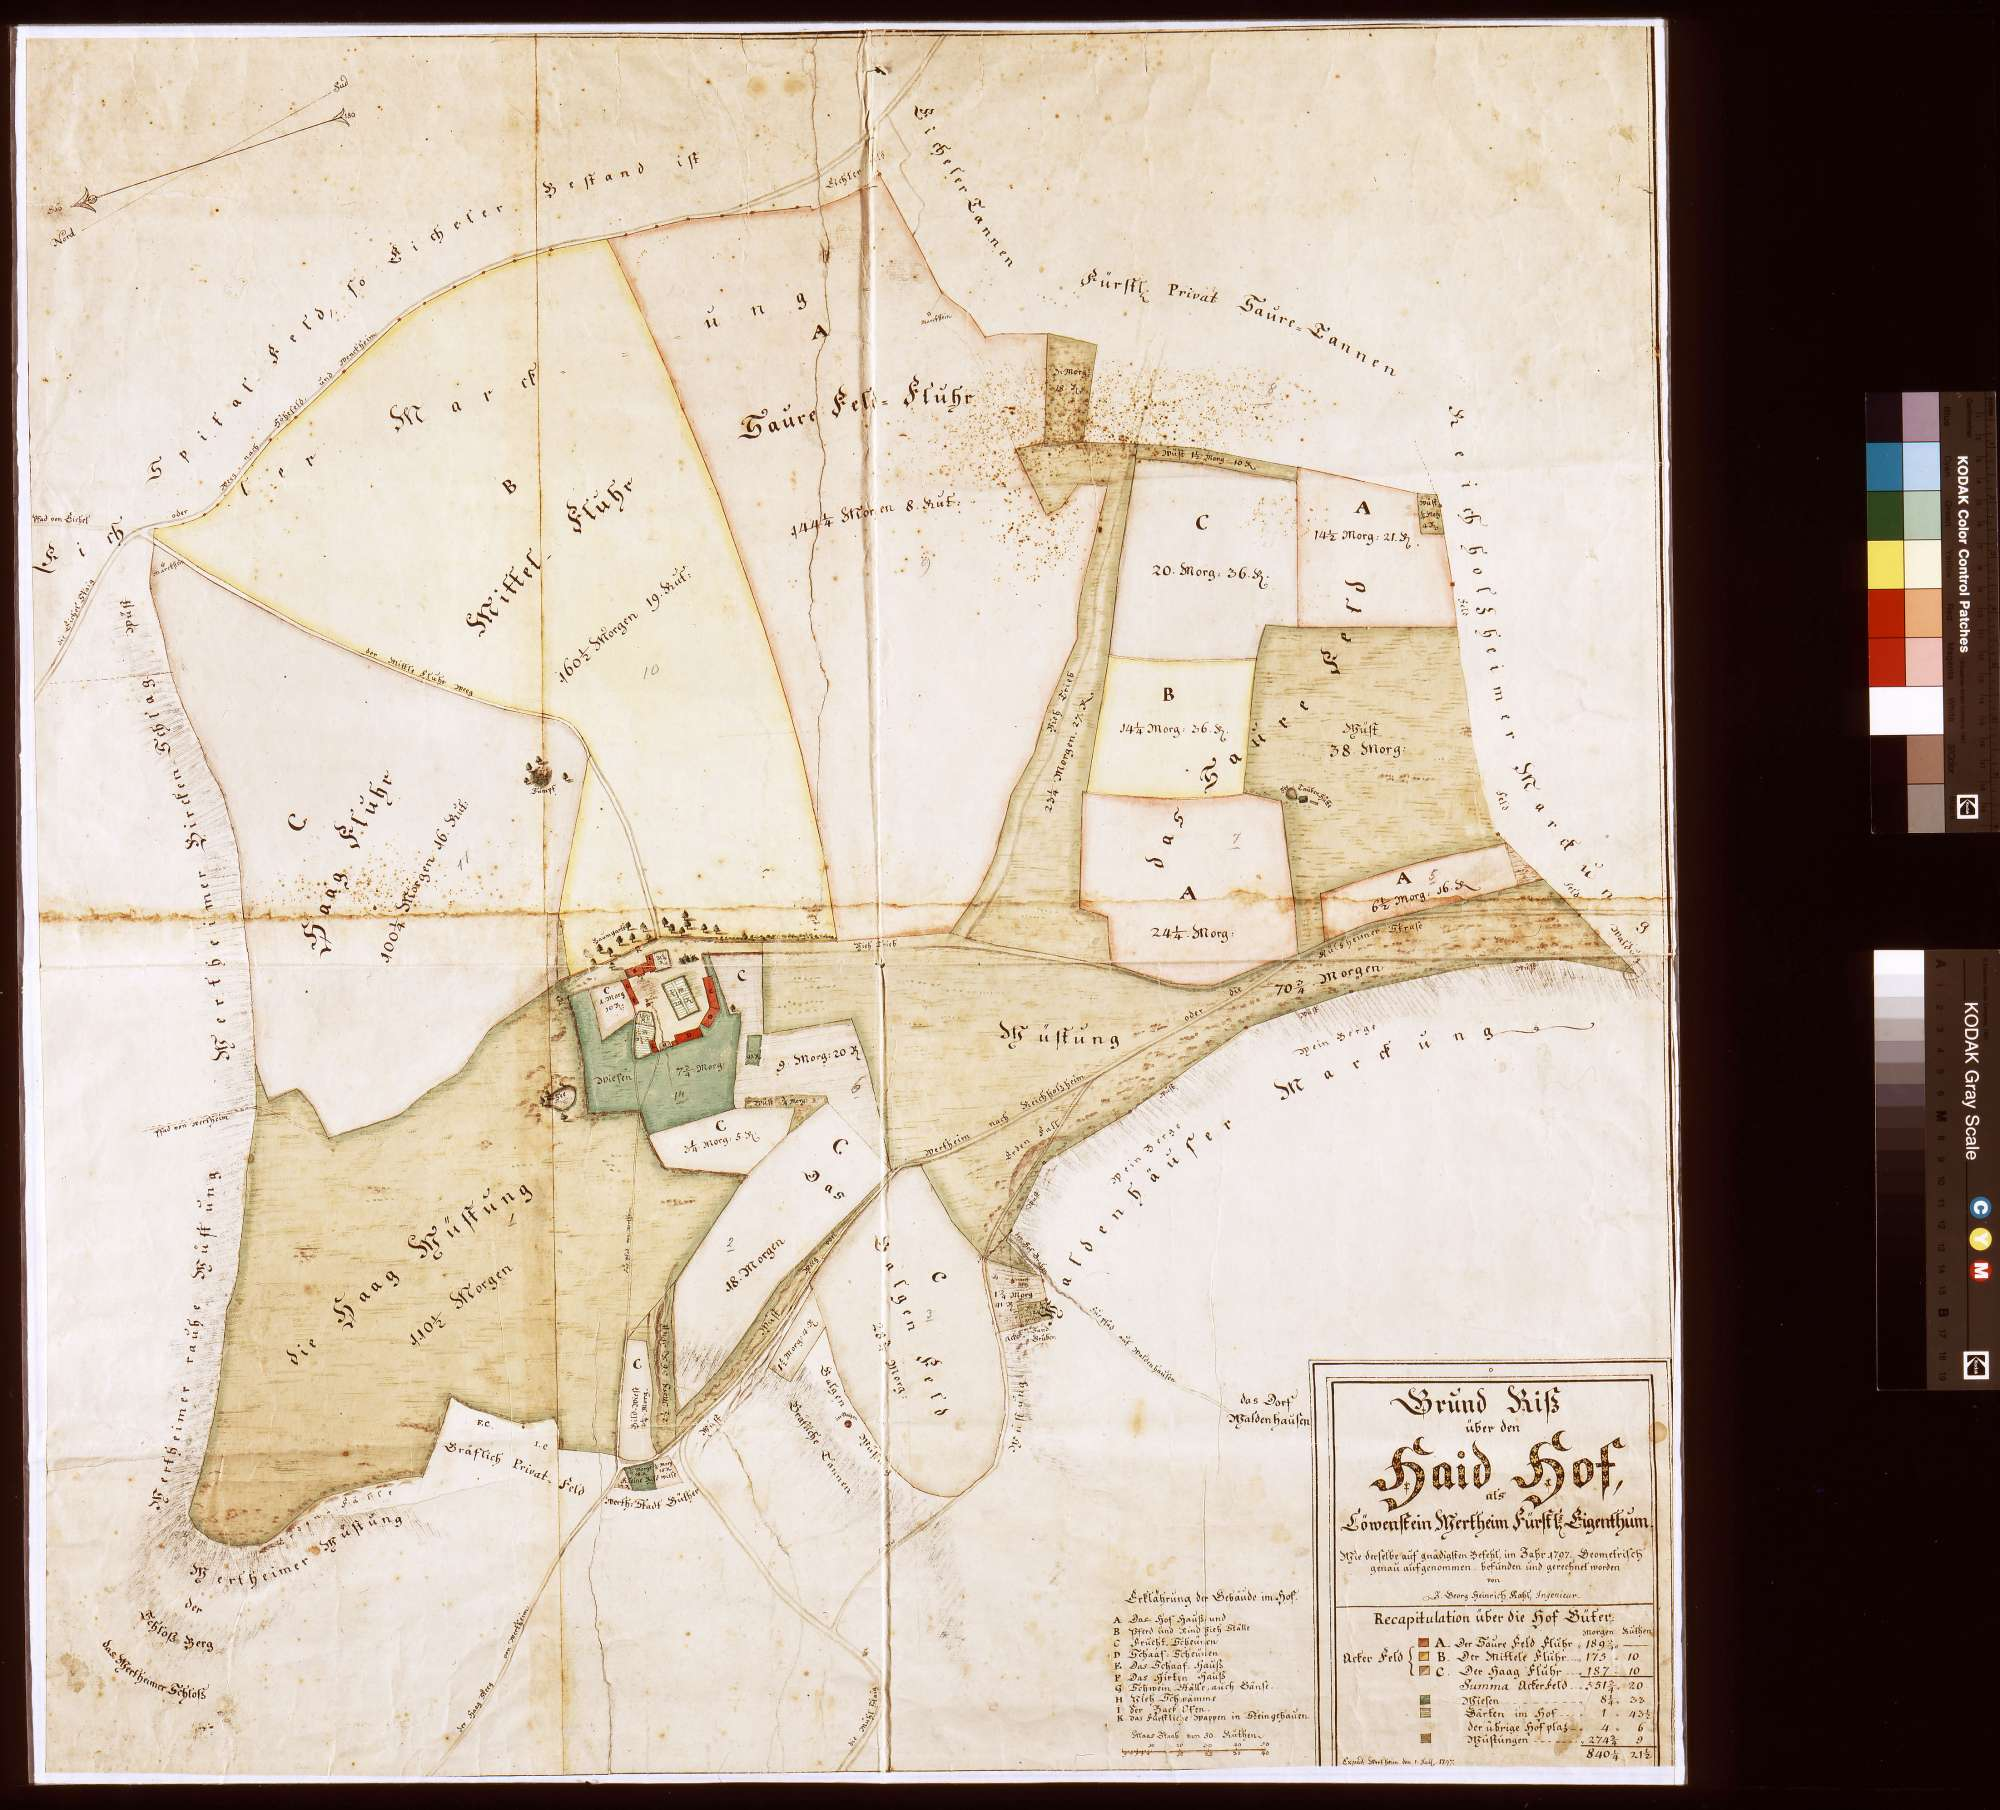 Haidhof als Löwenstein-Wertheimisches Eigentum (Inselkarte), Bild 1